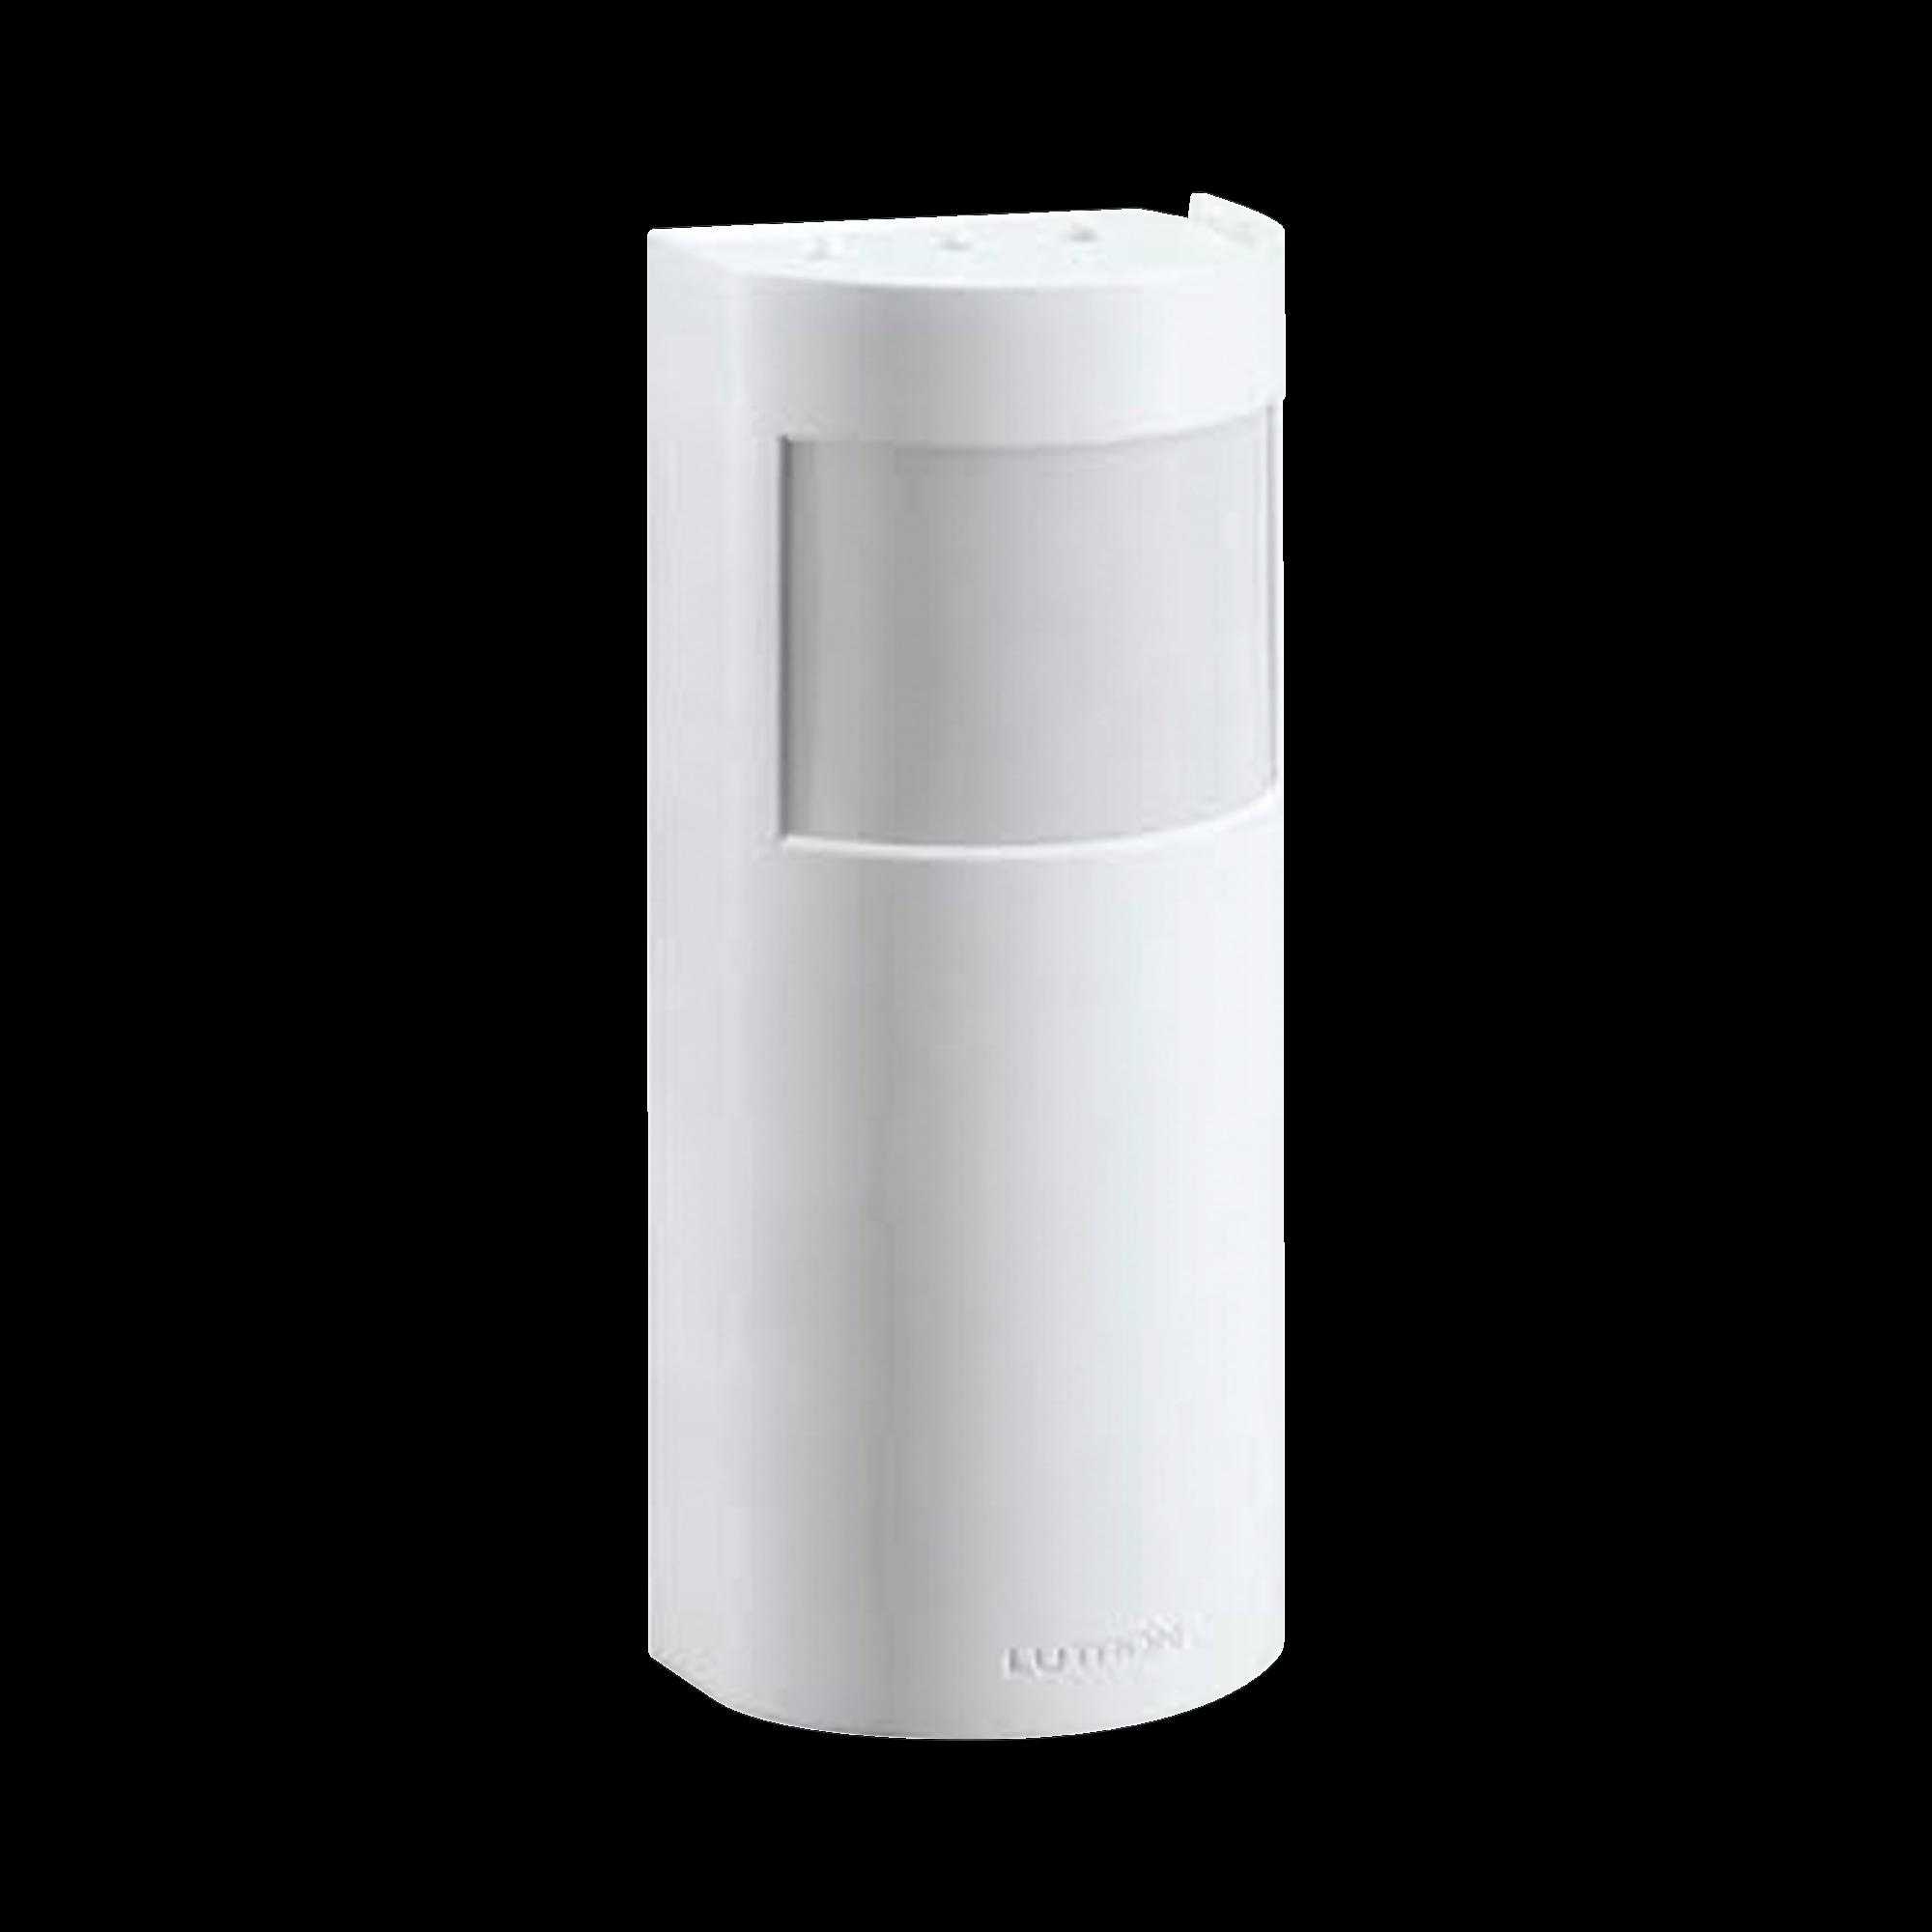 Sensor de movimiento vacancia/ocupancia para sistemas Caseta Wireless LUTRON